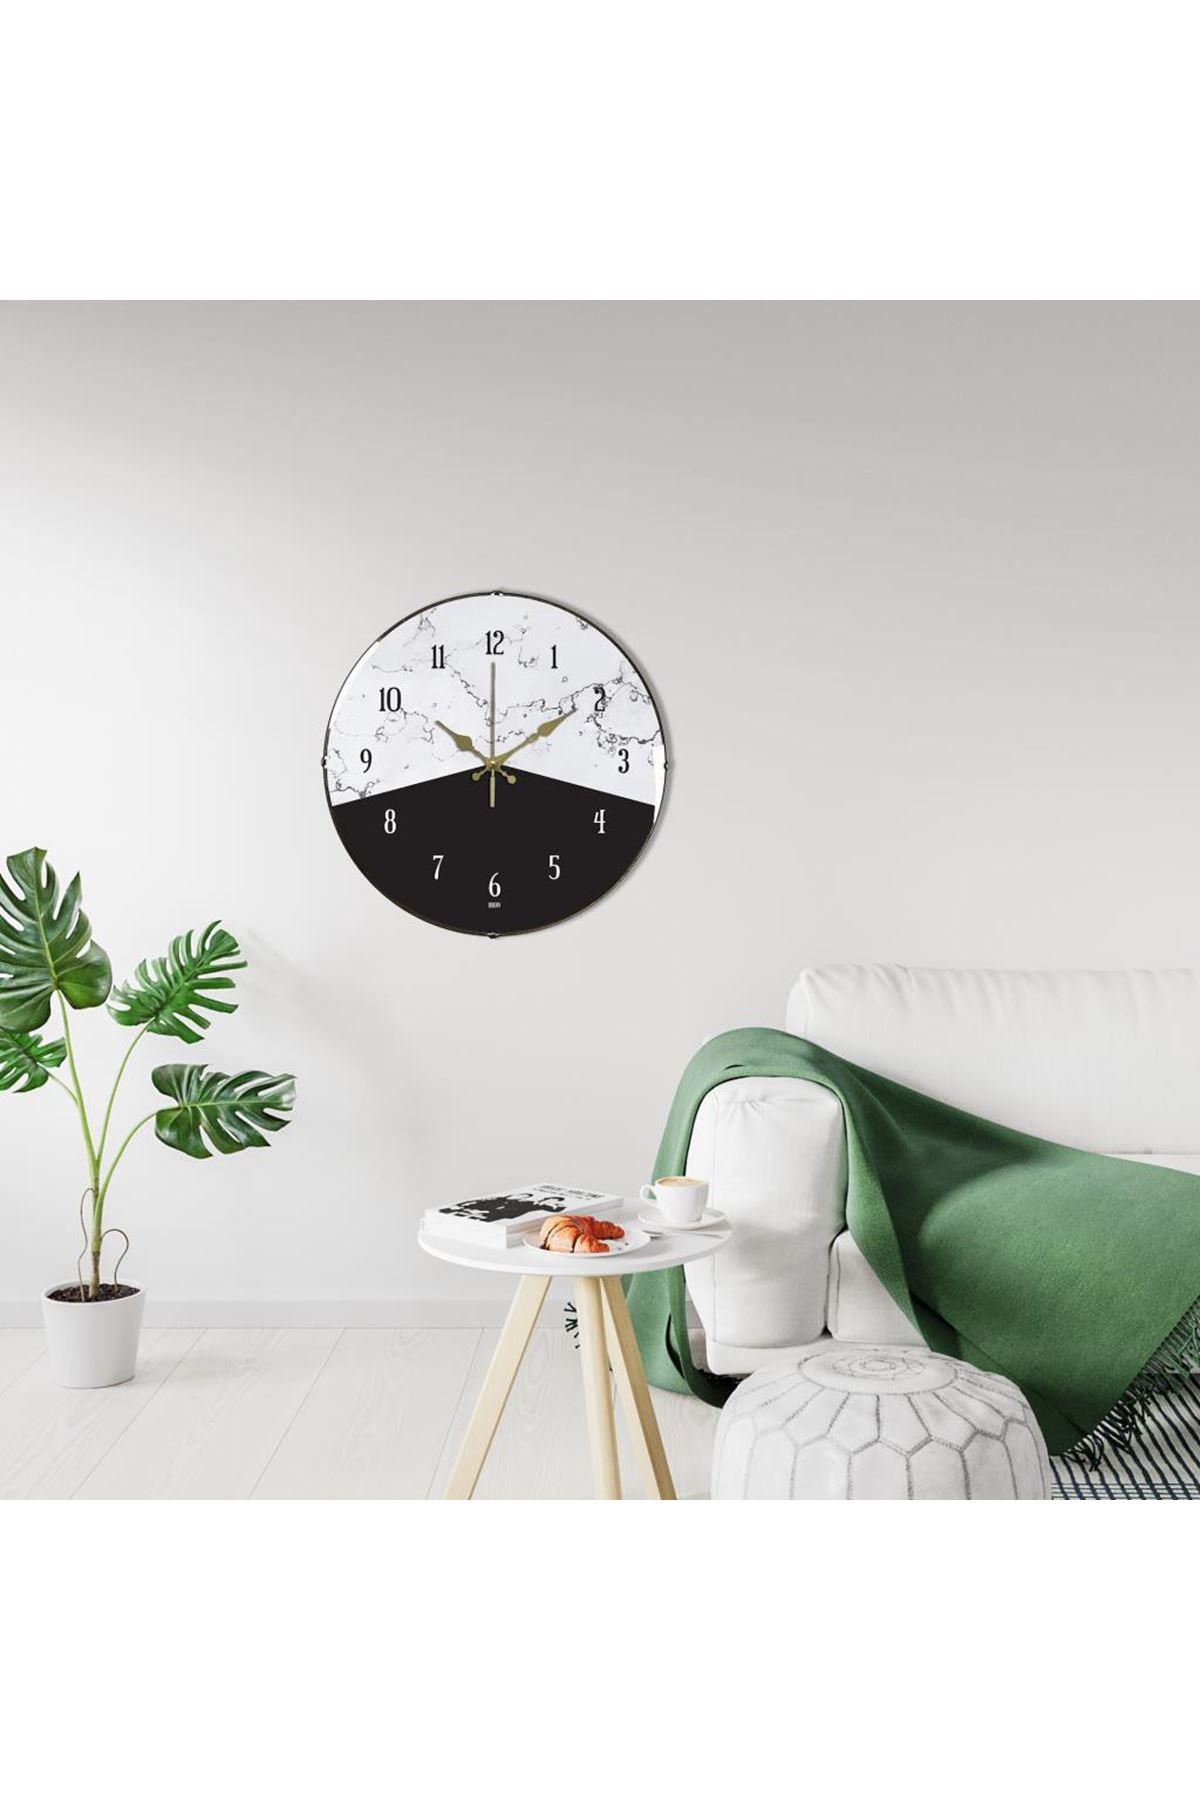 Rikon Siyah Beyaz Dekoratif Bombe Camlı Duvar Saati